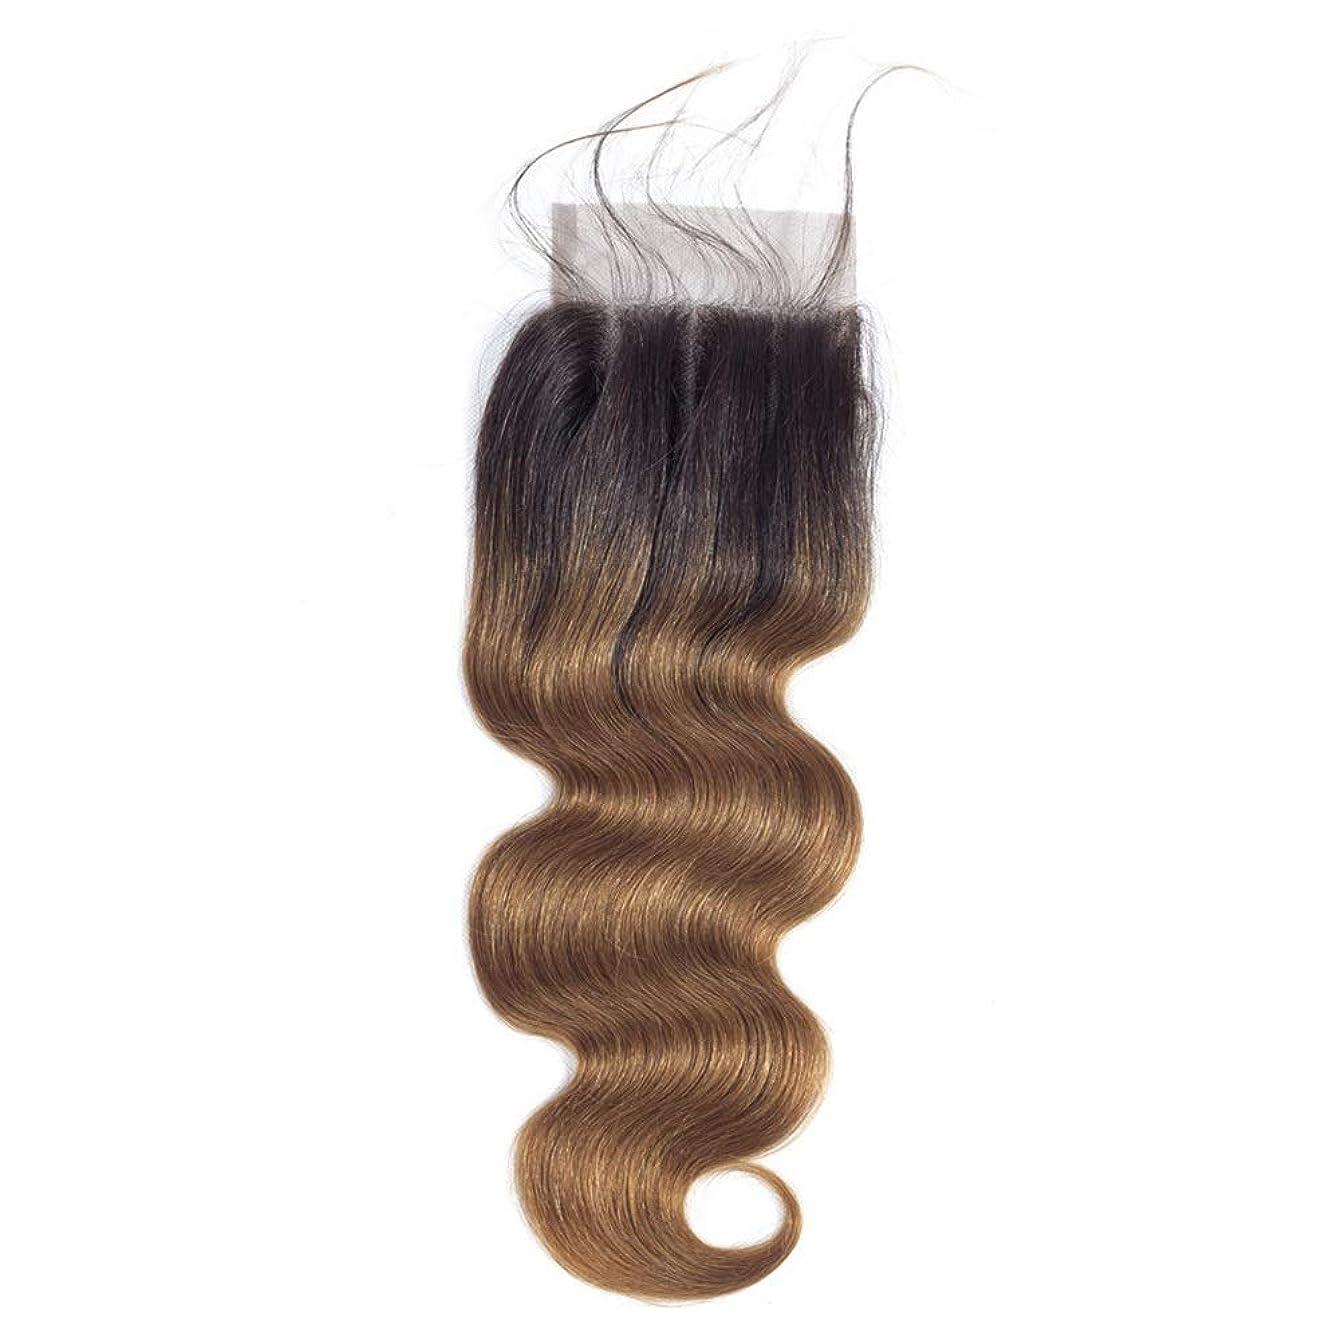 薄める説教きょうだいYESONEEP ブラジルの人間の髪の毛のレース前頭閉鎖4 x 4耳に耳1B / 30ブラウン2トーンカラー8